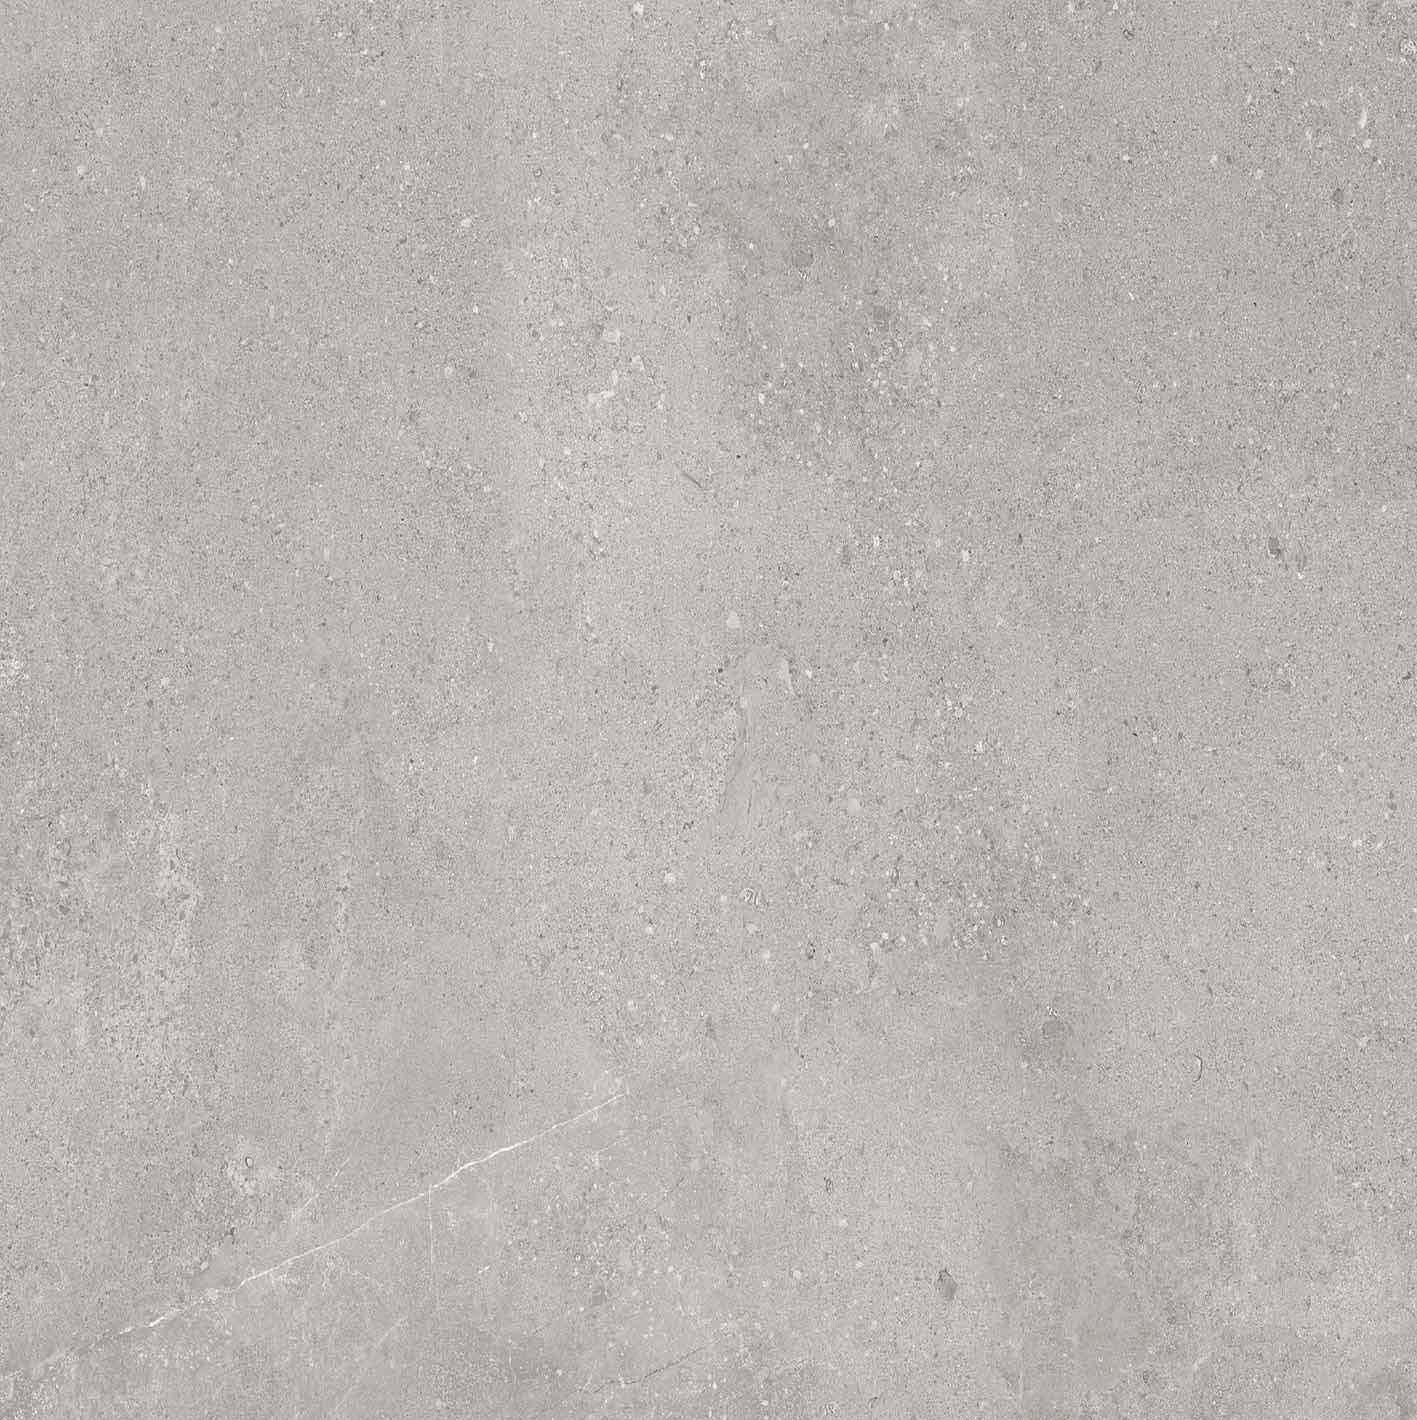 Elemental Stone Grey Limestone Glossy 10mm 120 x 120